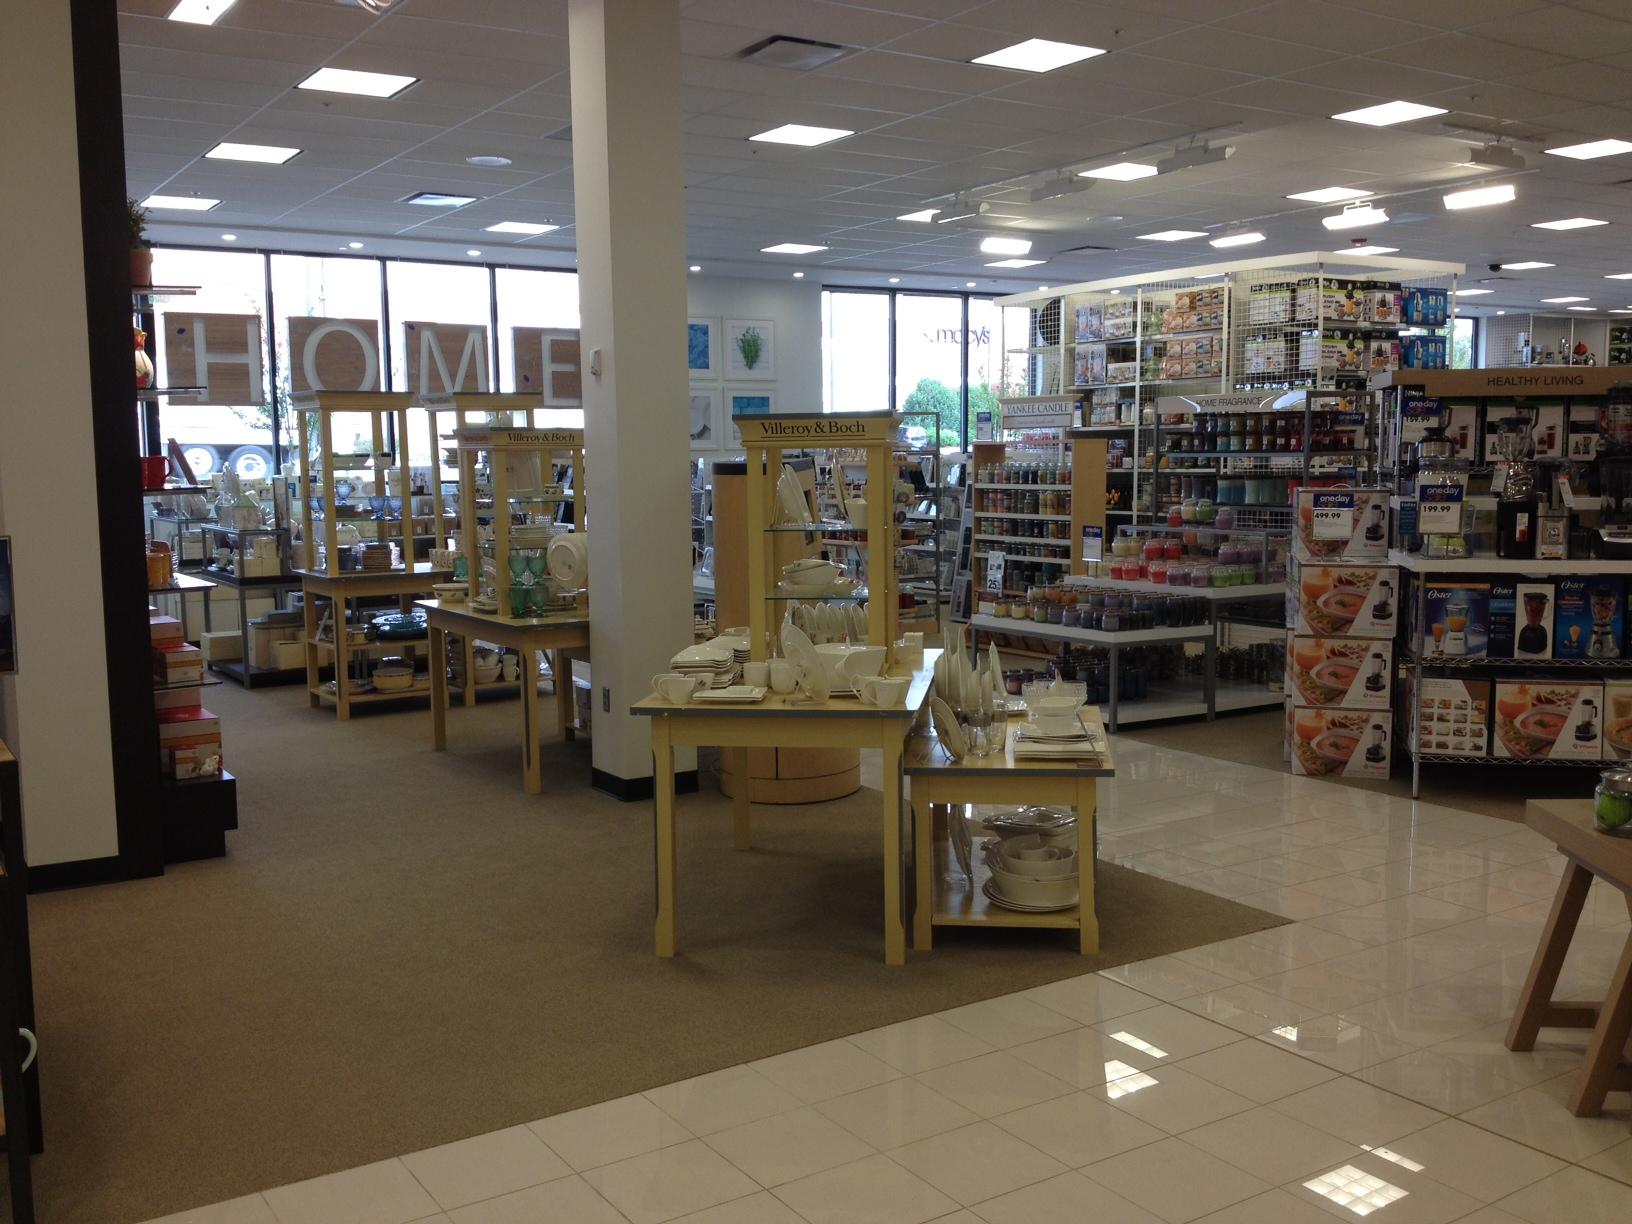 Belks home store - Active Store Deals